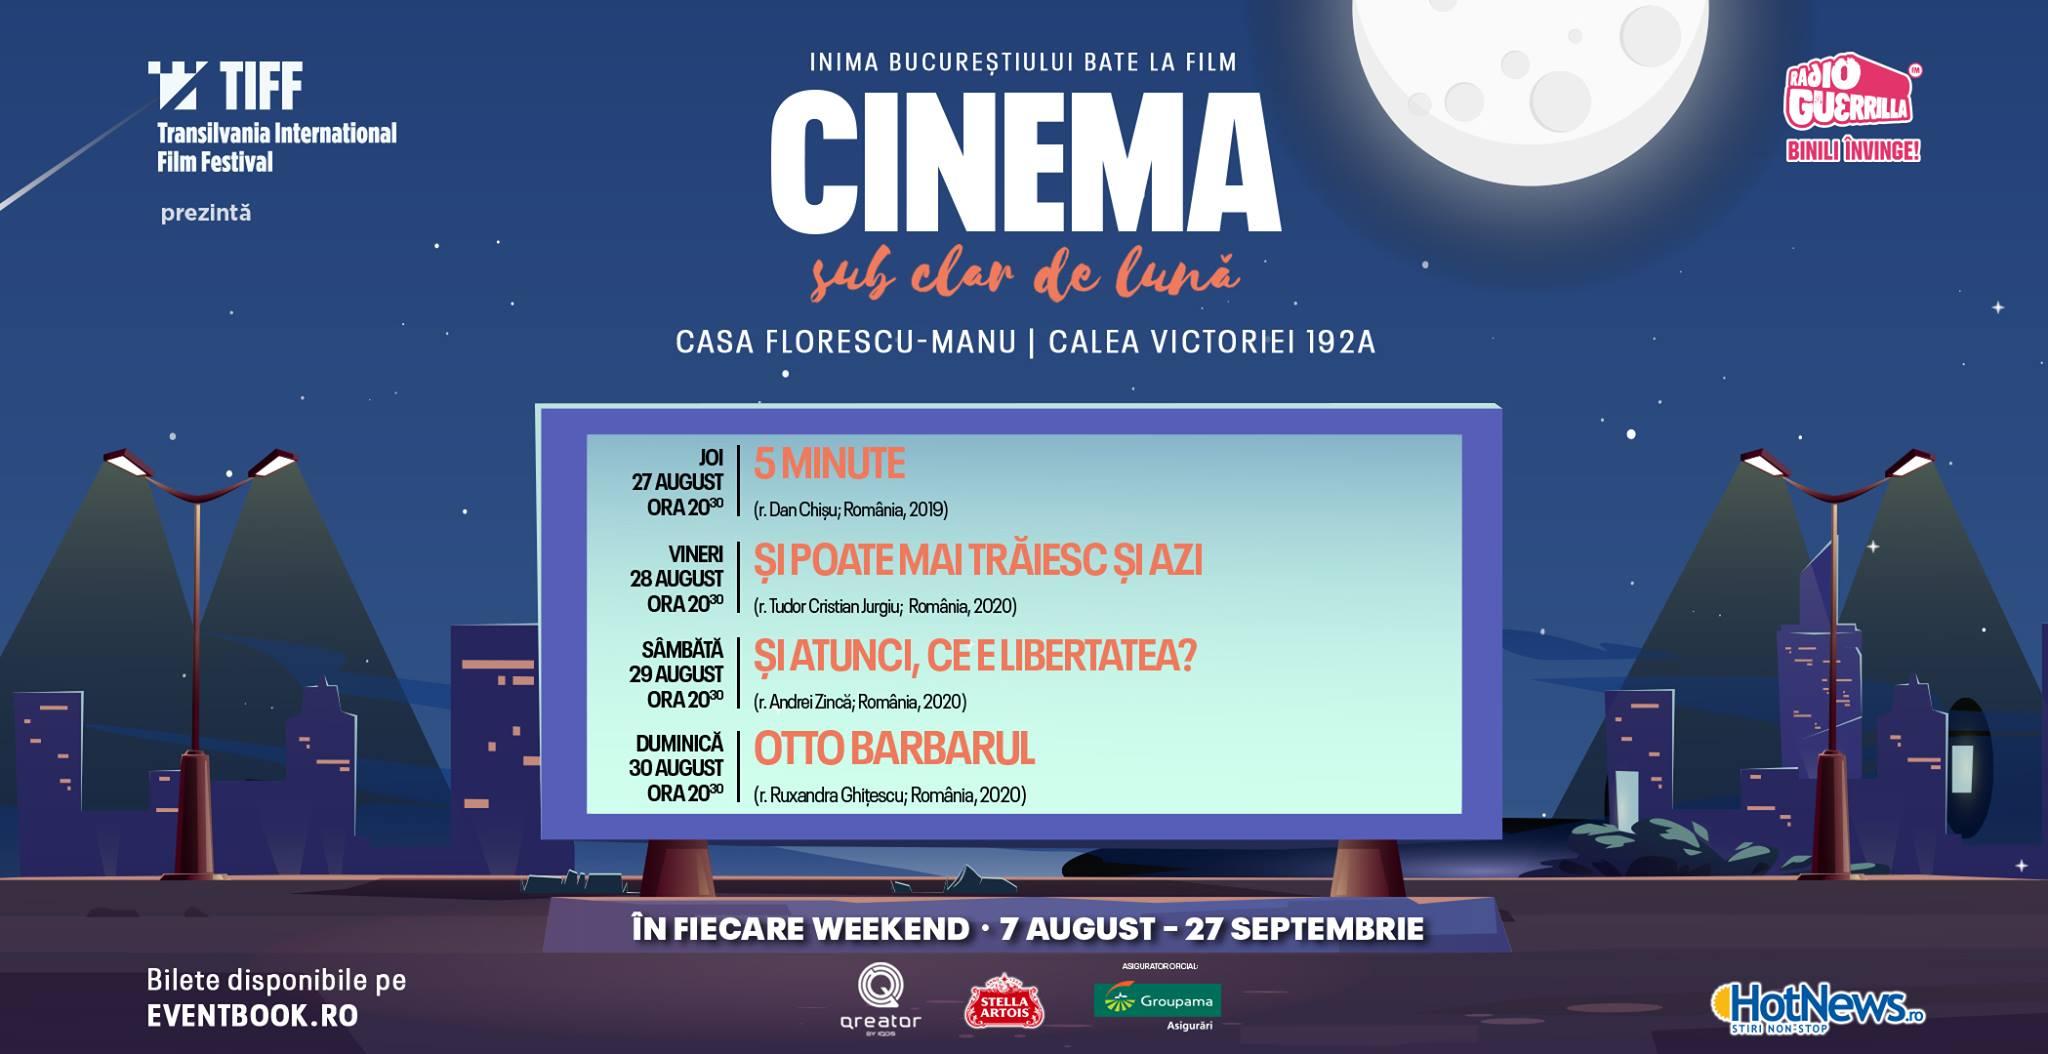 evenimente weekend 28-30 august cinema sub clar de luna